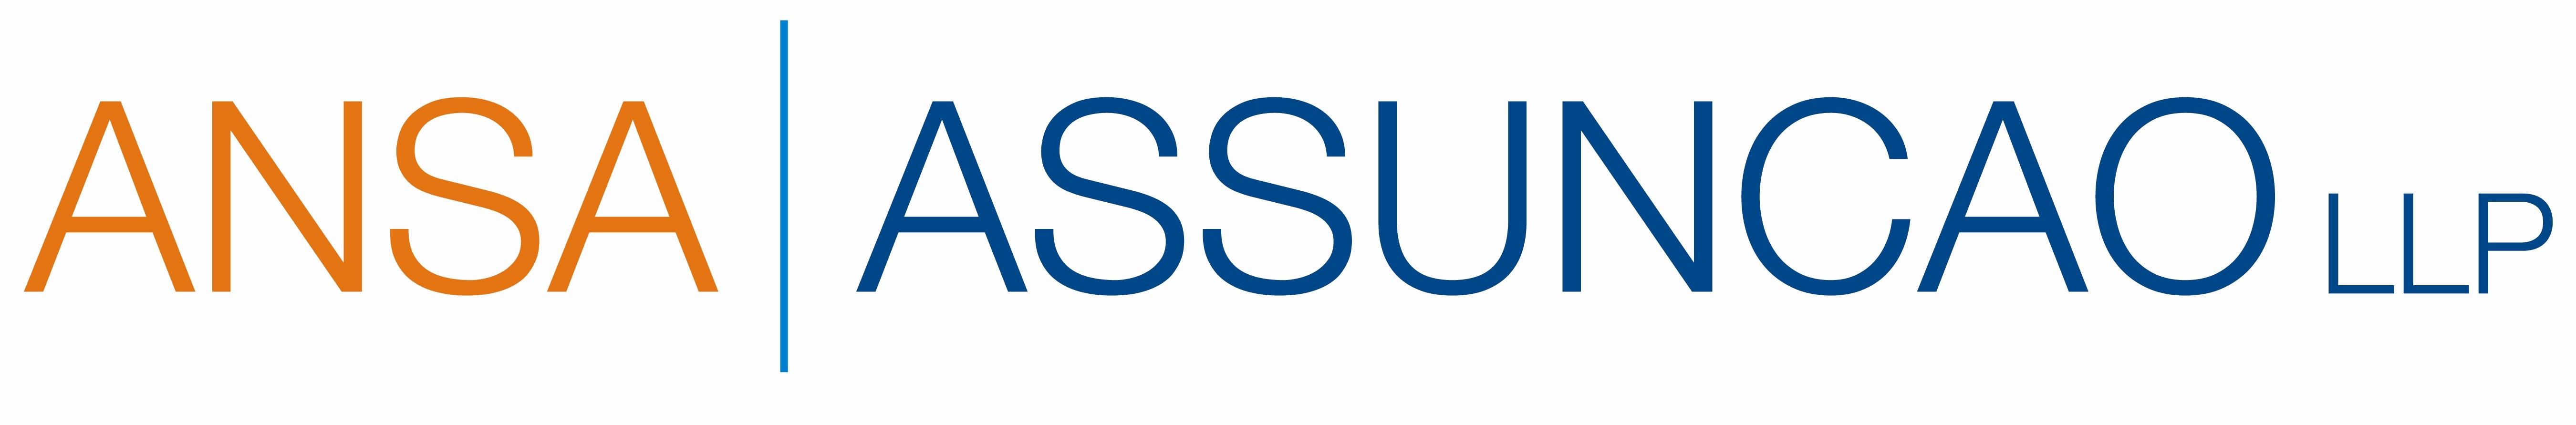 Ansa Assuncao, LLP logo